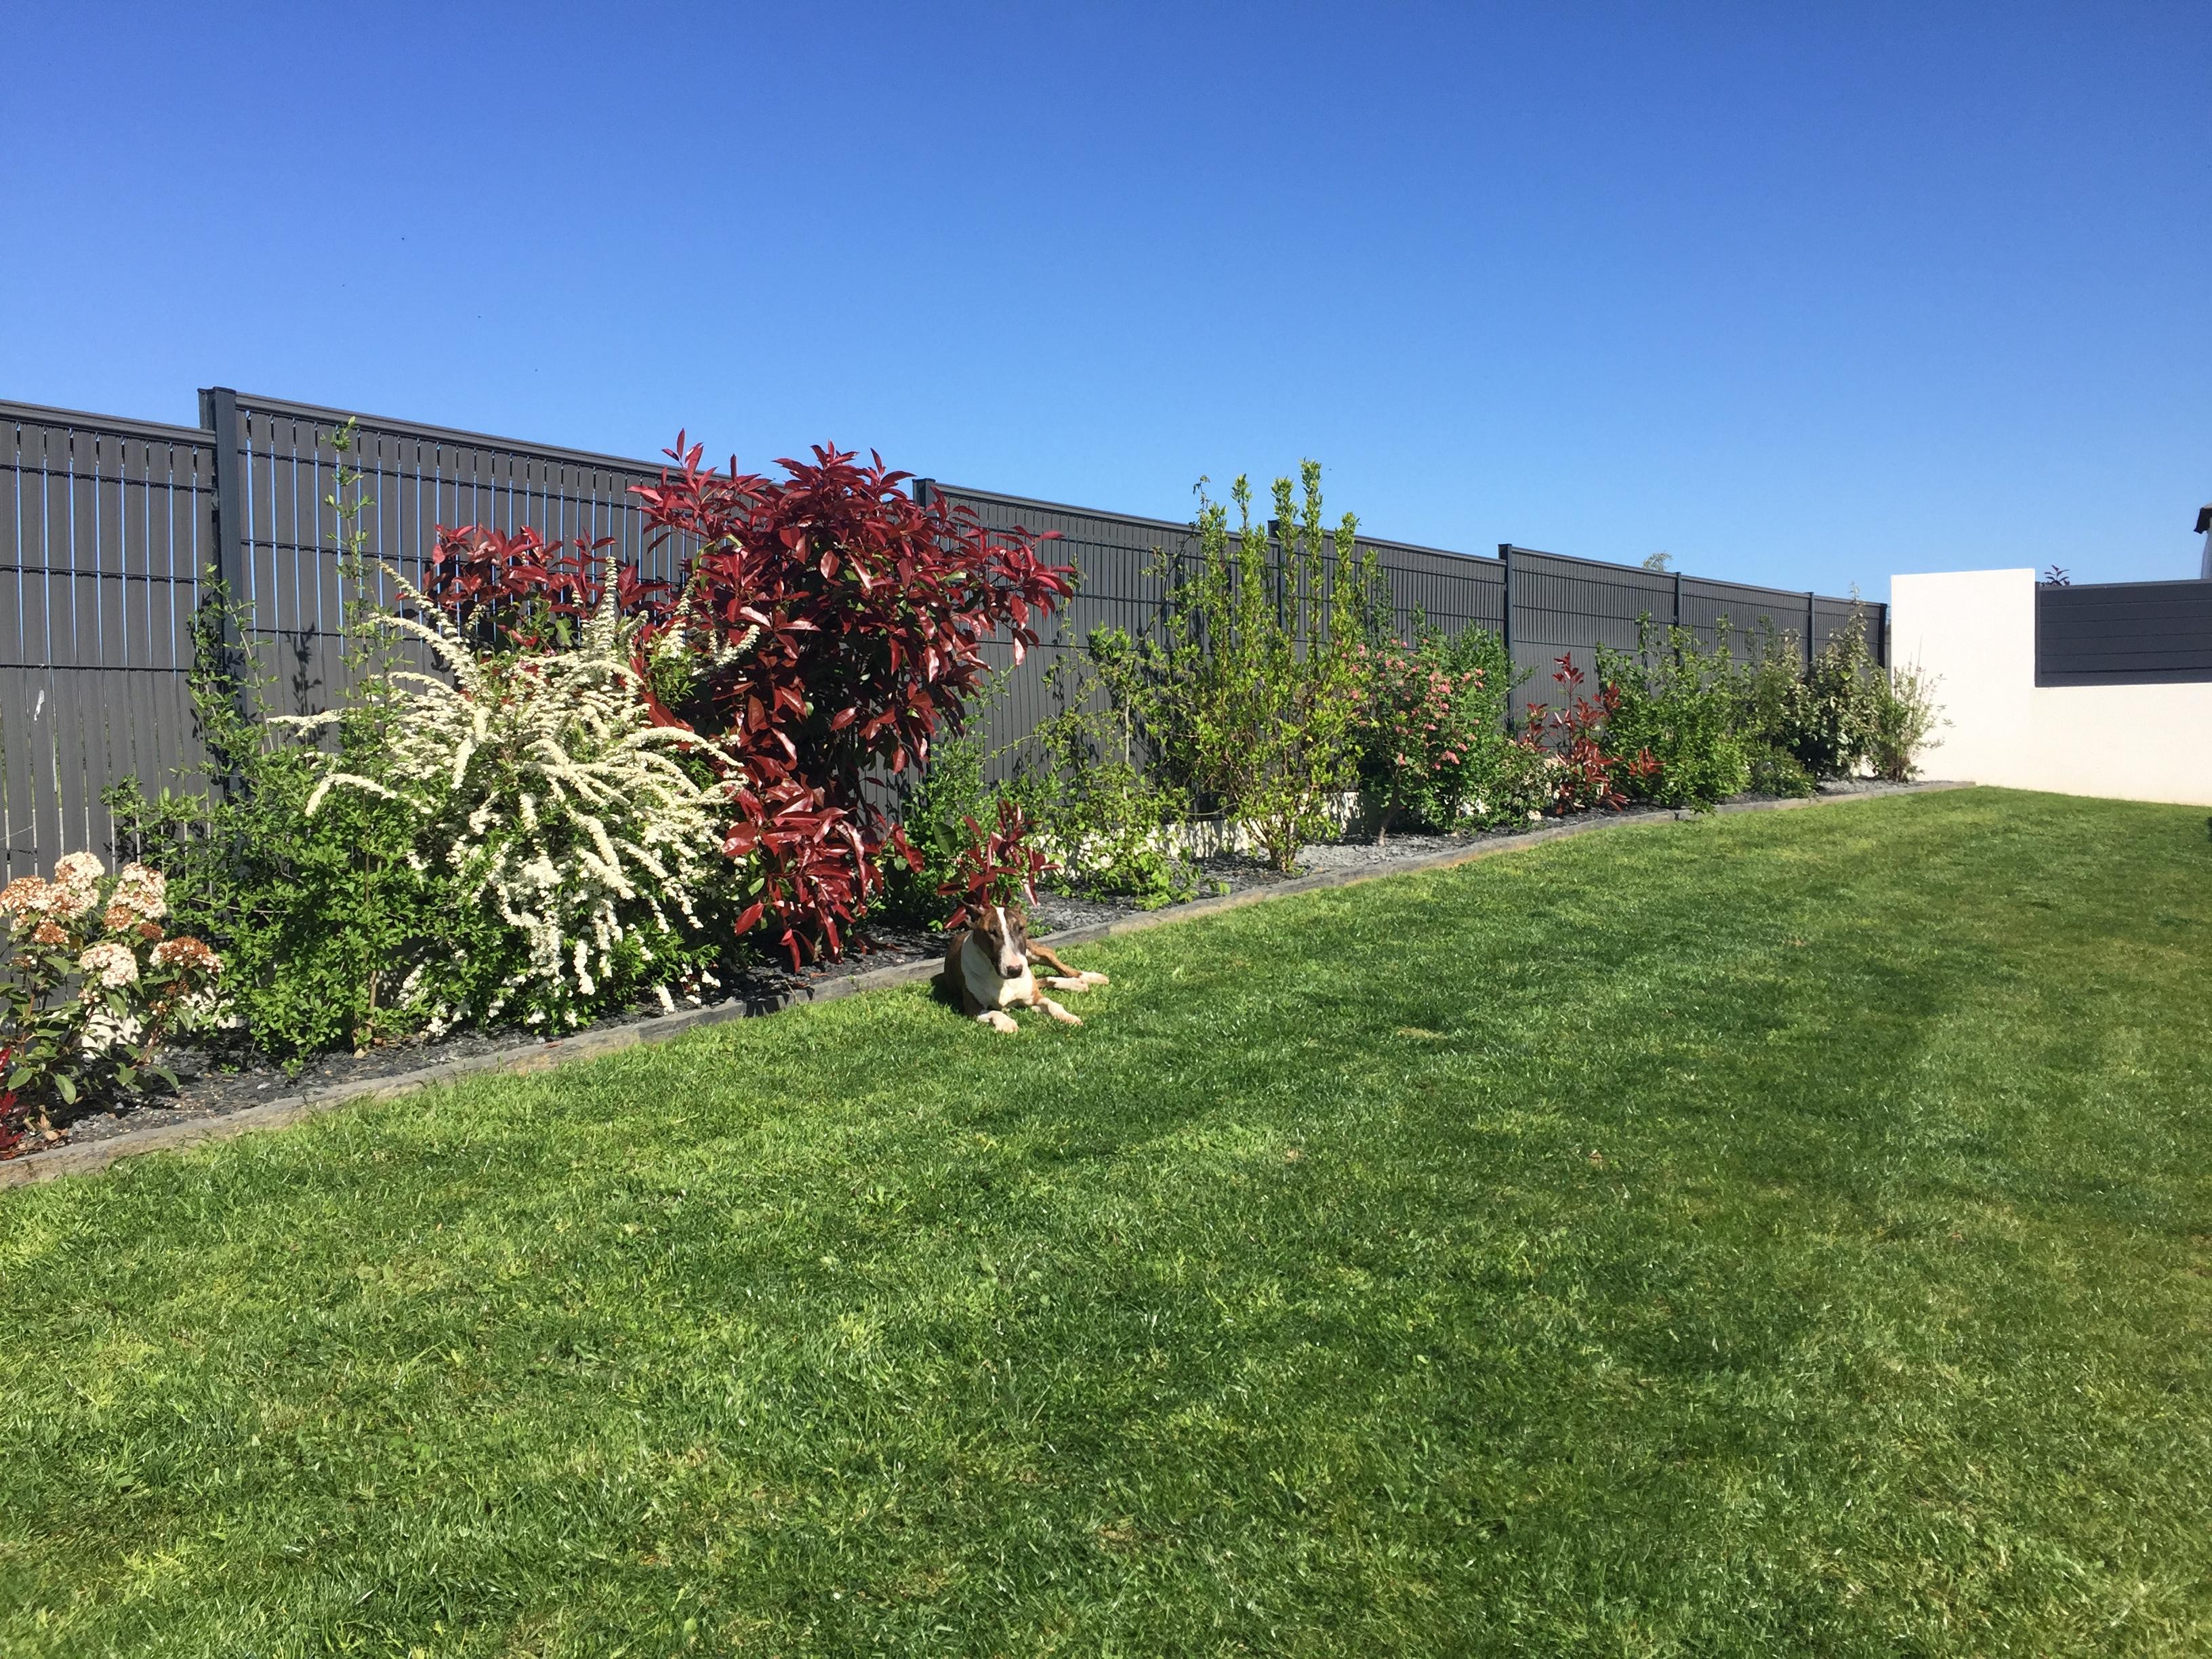 Arbuste Brise Vue Terrasse clôture anthracite   un coloris discret mais tendance